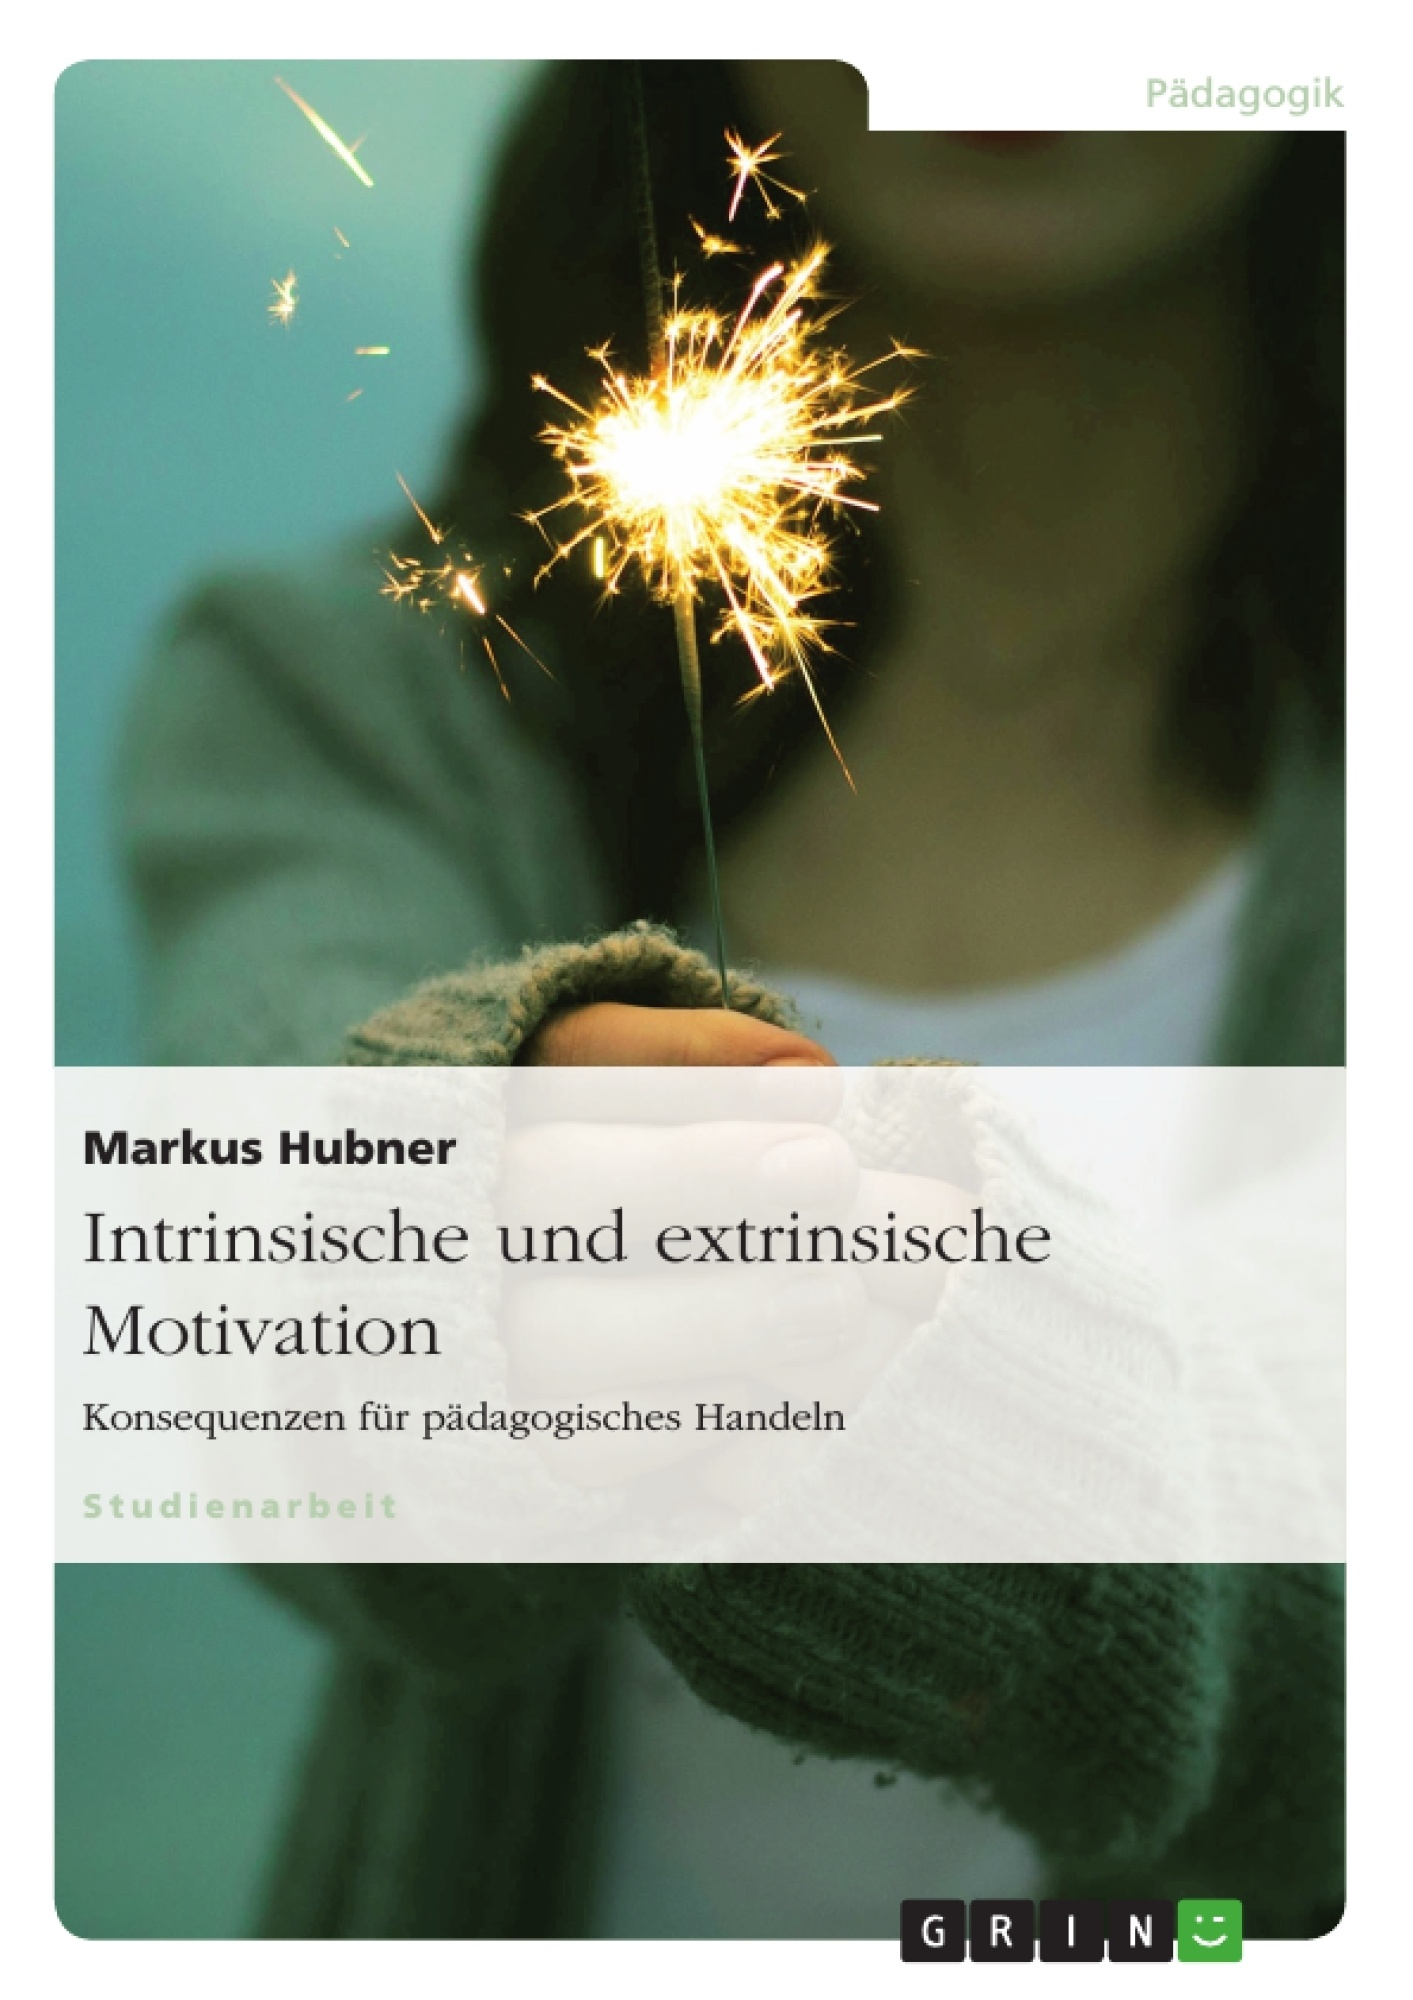 Titel: Intrinsische und extrinsische Motivation. Konsequenzen für pädagogisches Handeln